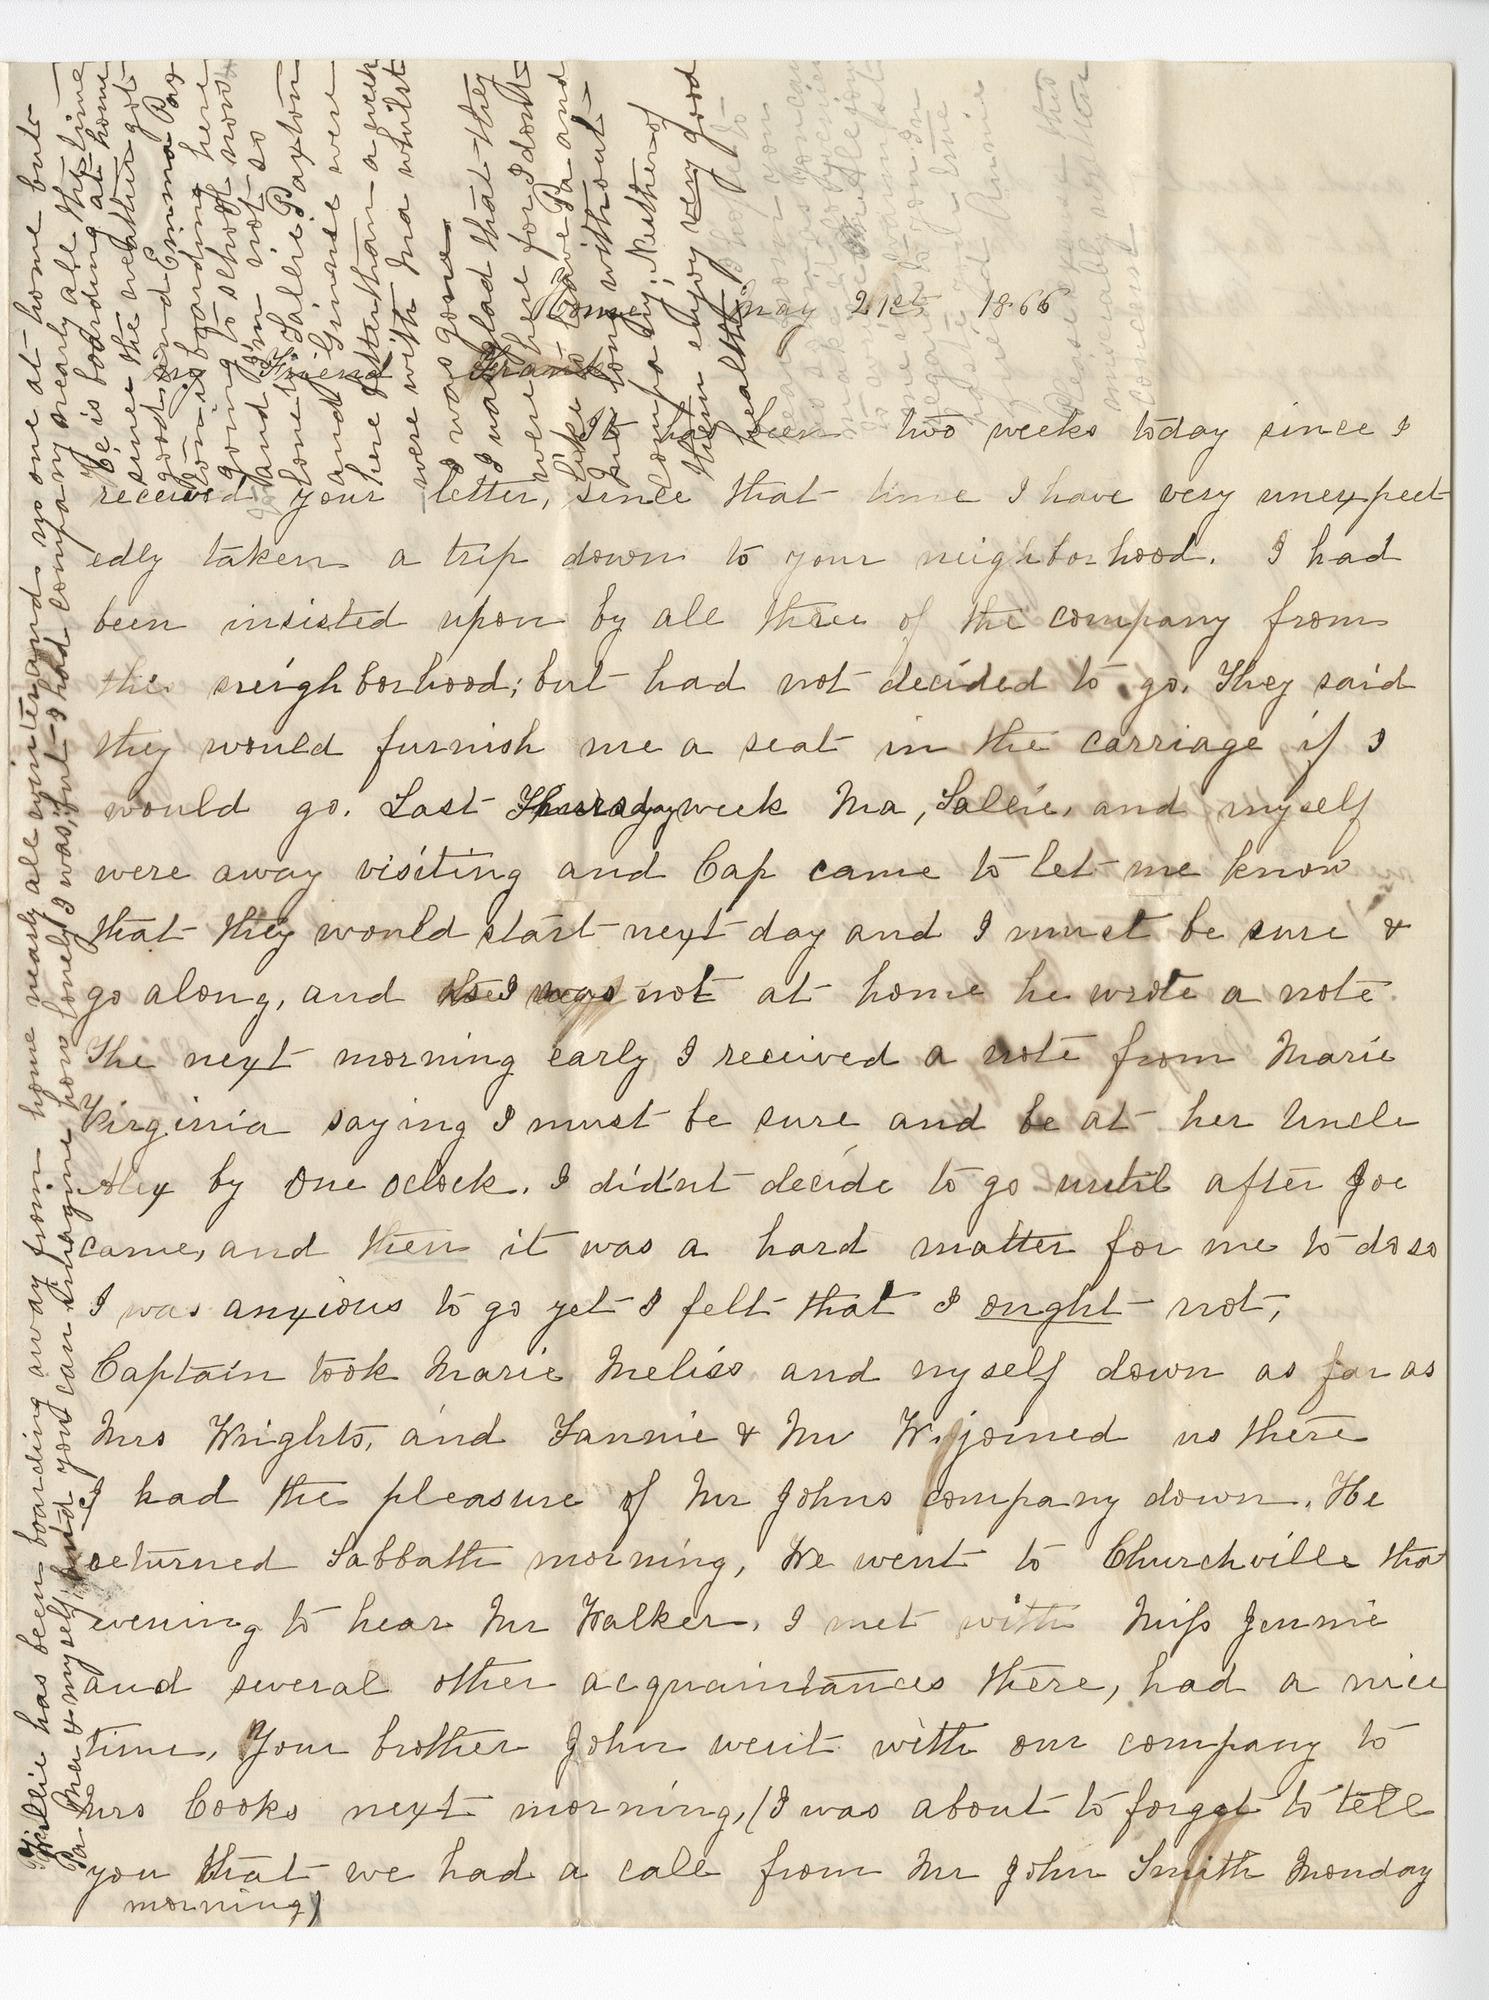 Ms2016-013_HeizerJames_Letter_1866_0521a.jpg